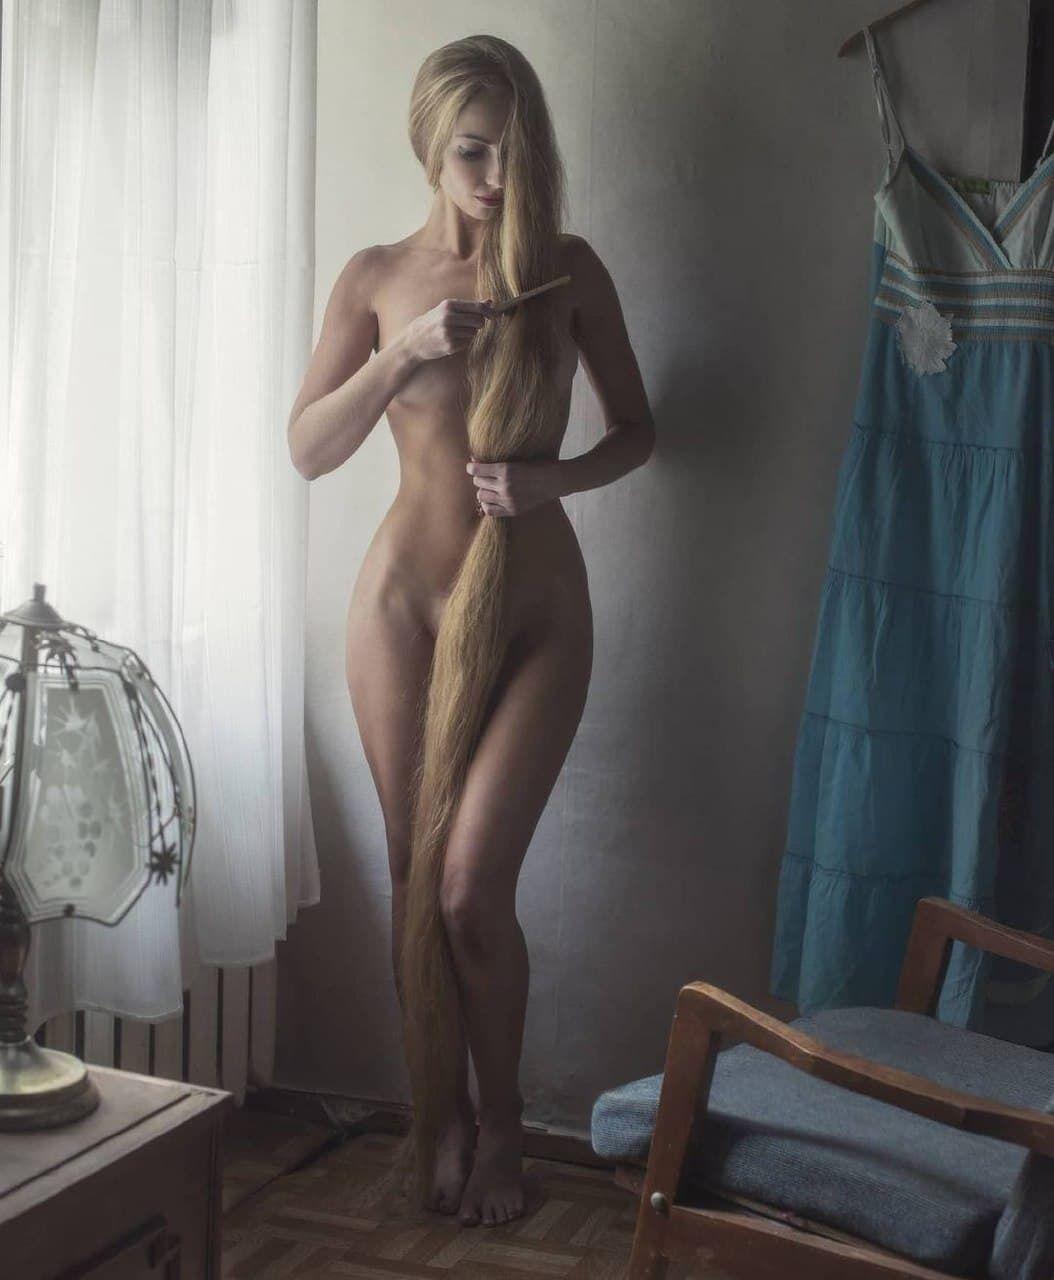 Украинка позирует обнаженной с двухметровыми волосами